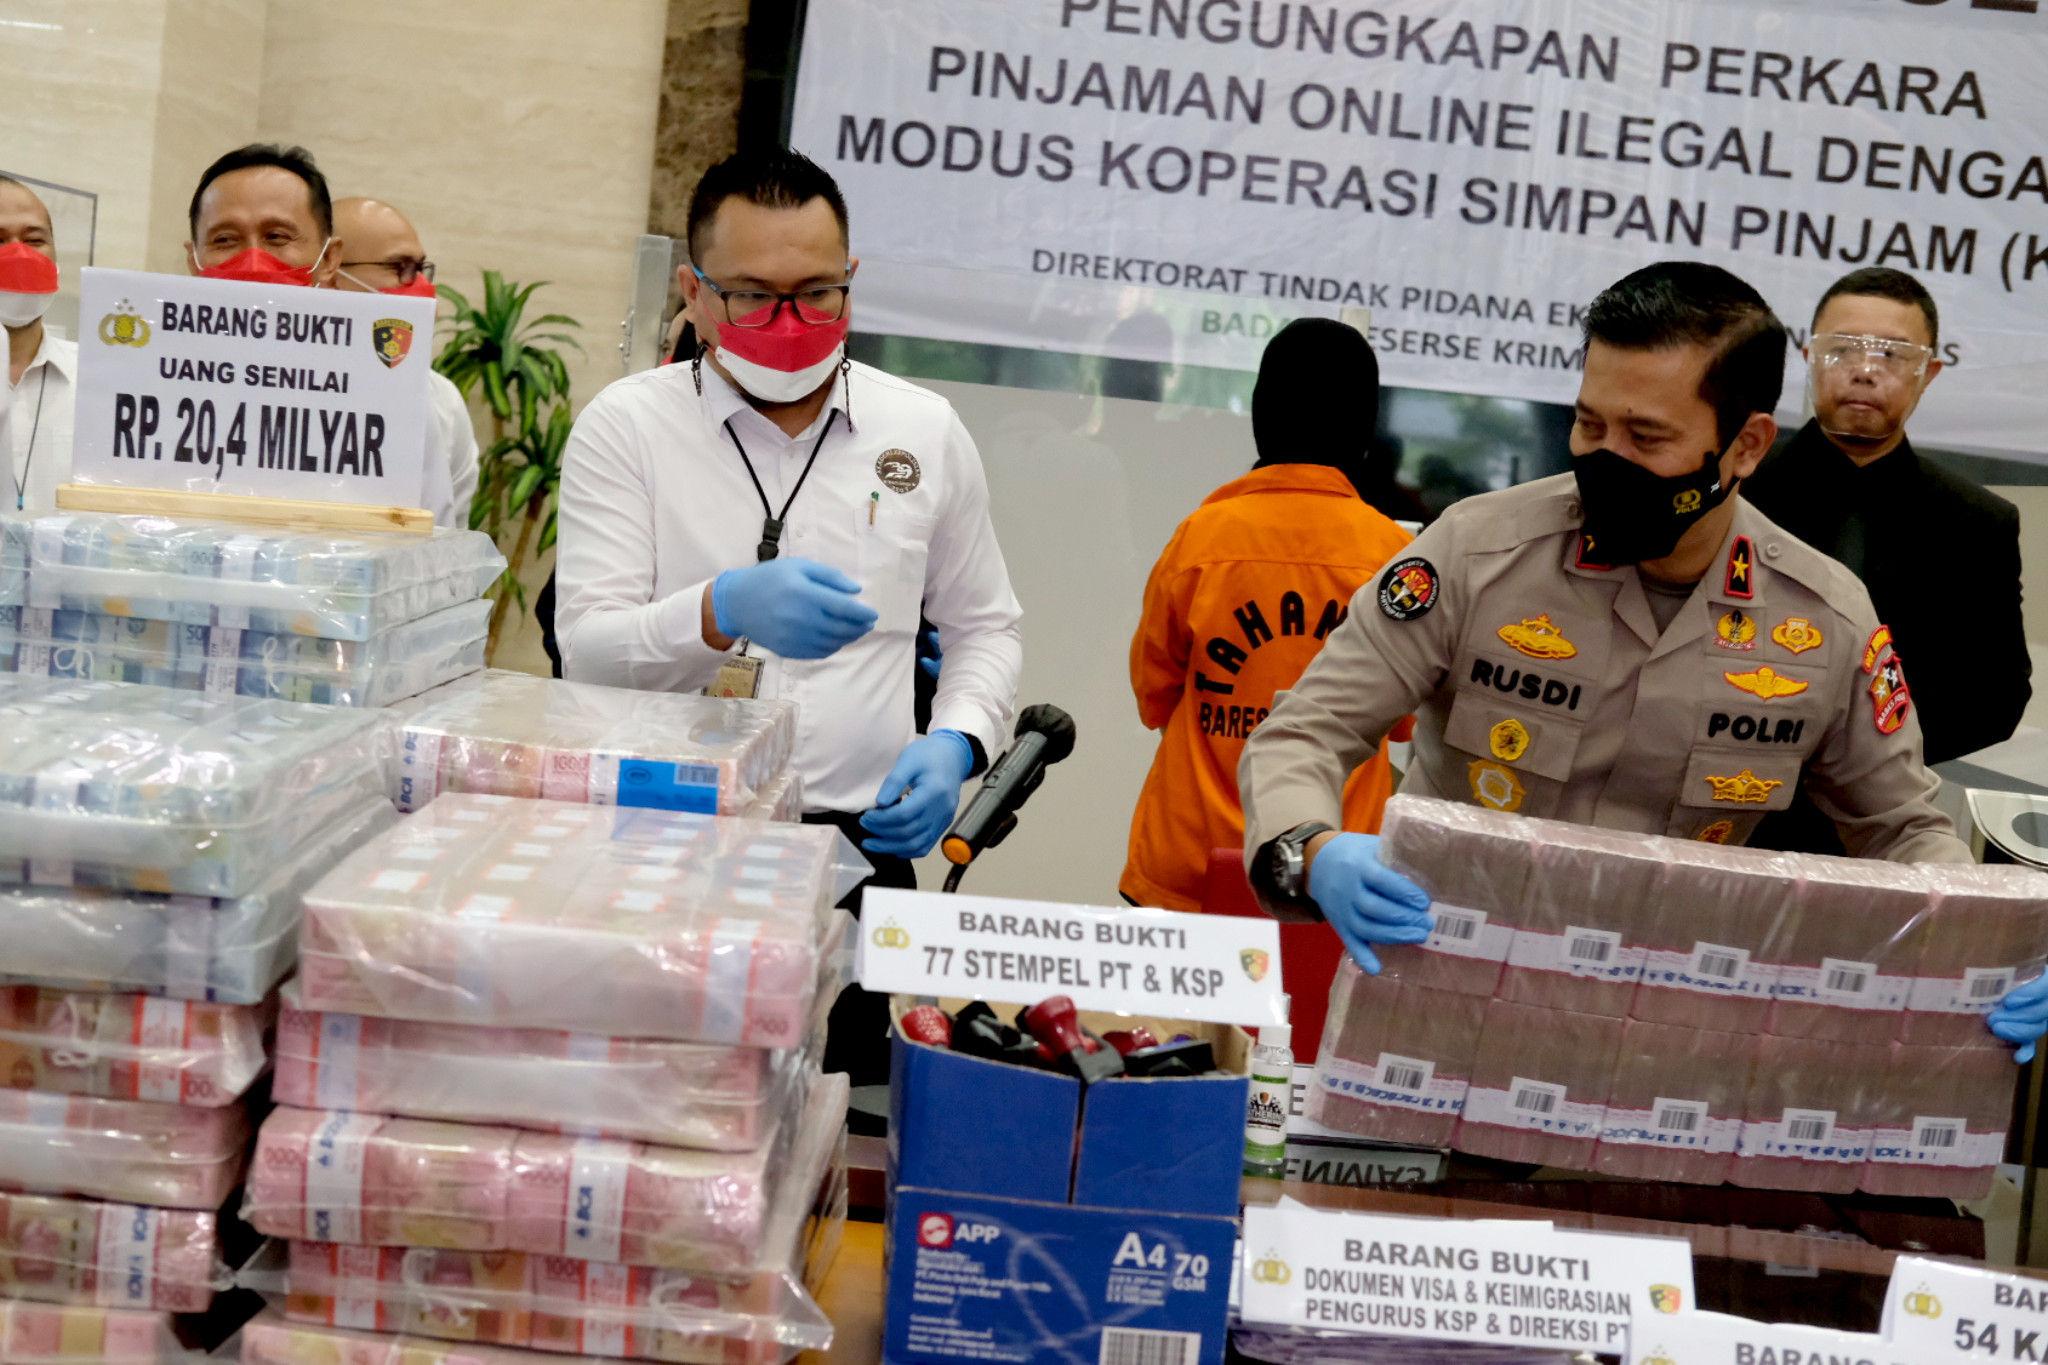 Marak Kasus Pinjol, Polisi Kembali Amankan Pelaku Pinjol Ilegal dan Sita Uang  Rp21 Miliar